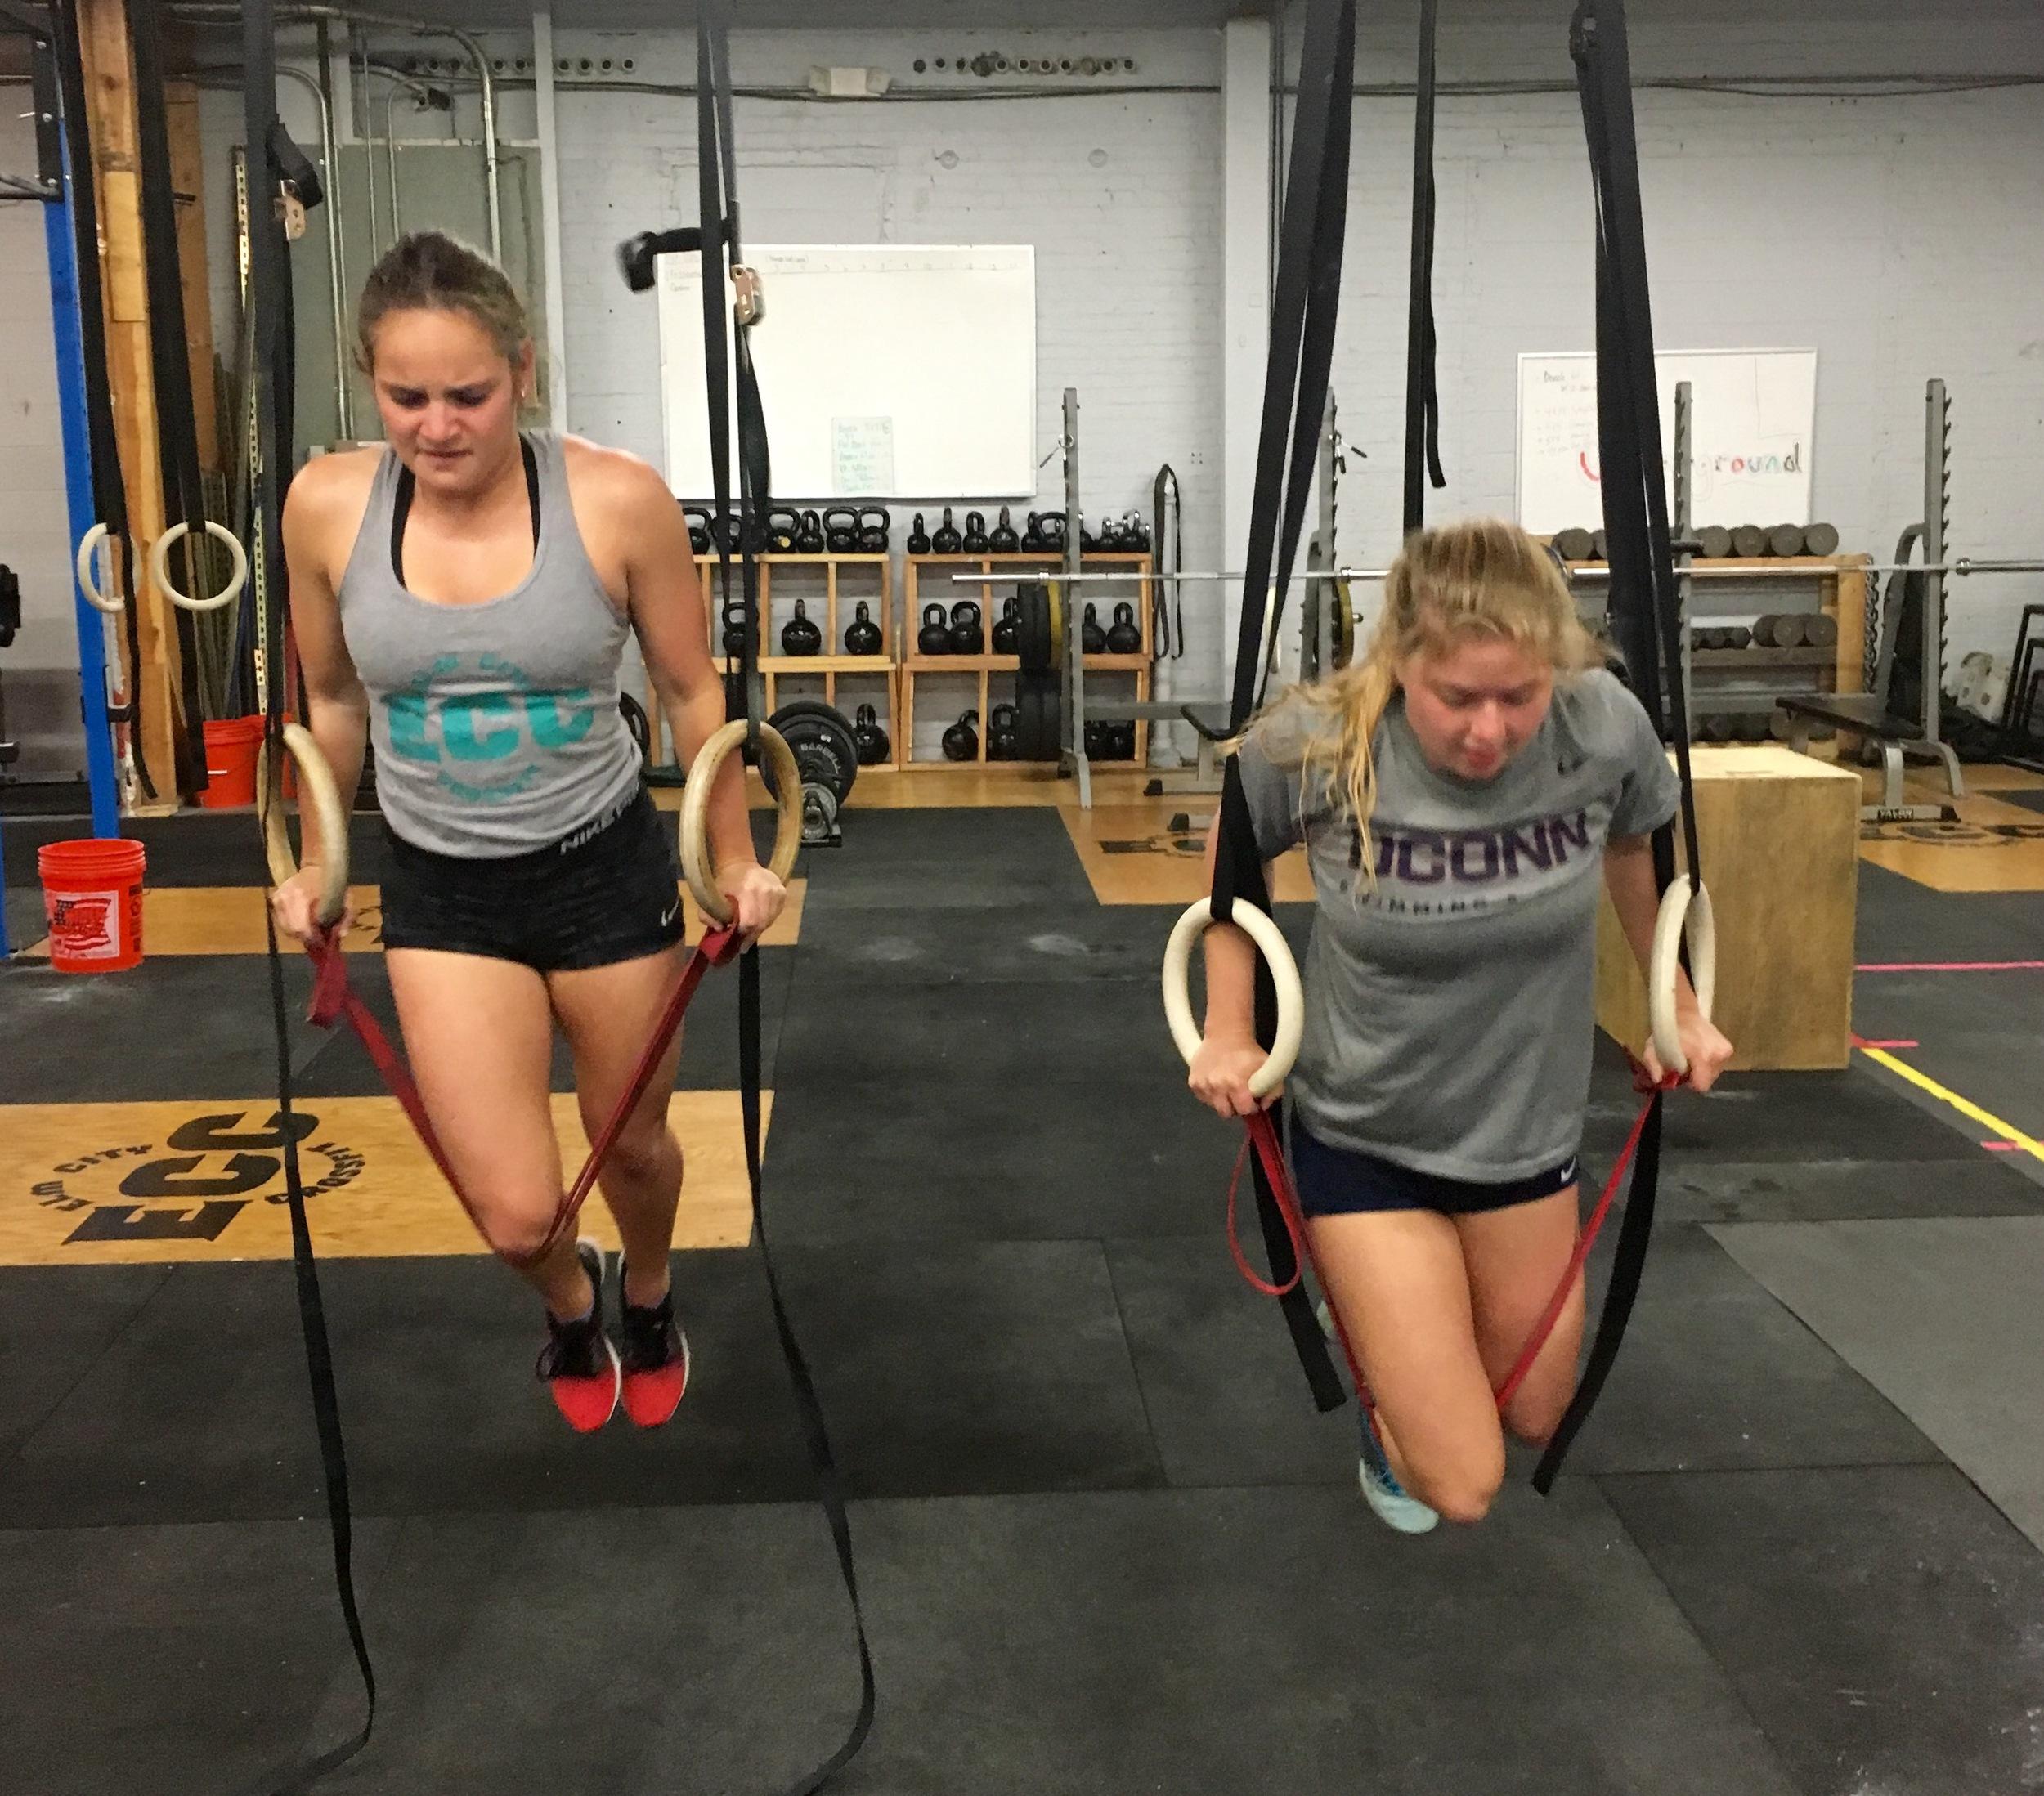 Amanda and Carly